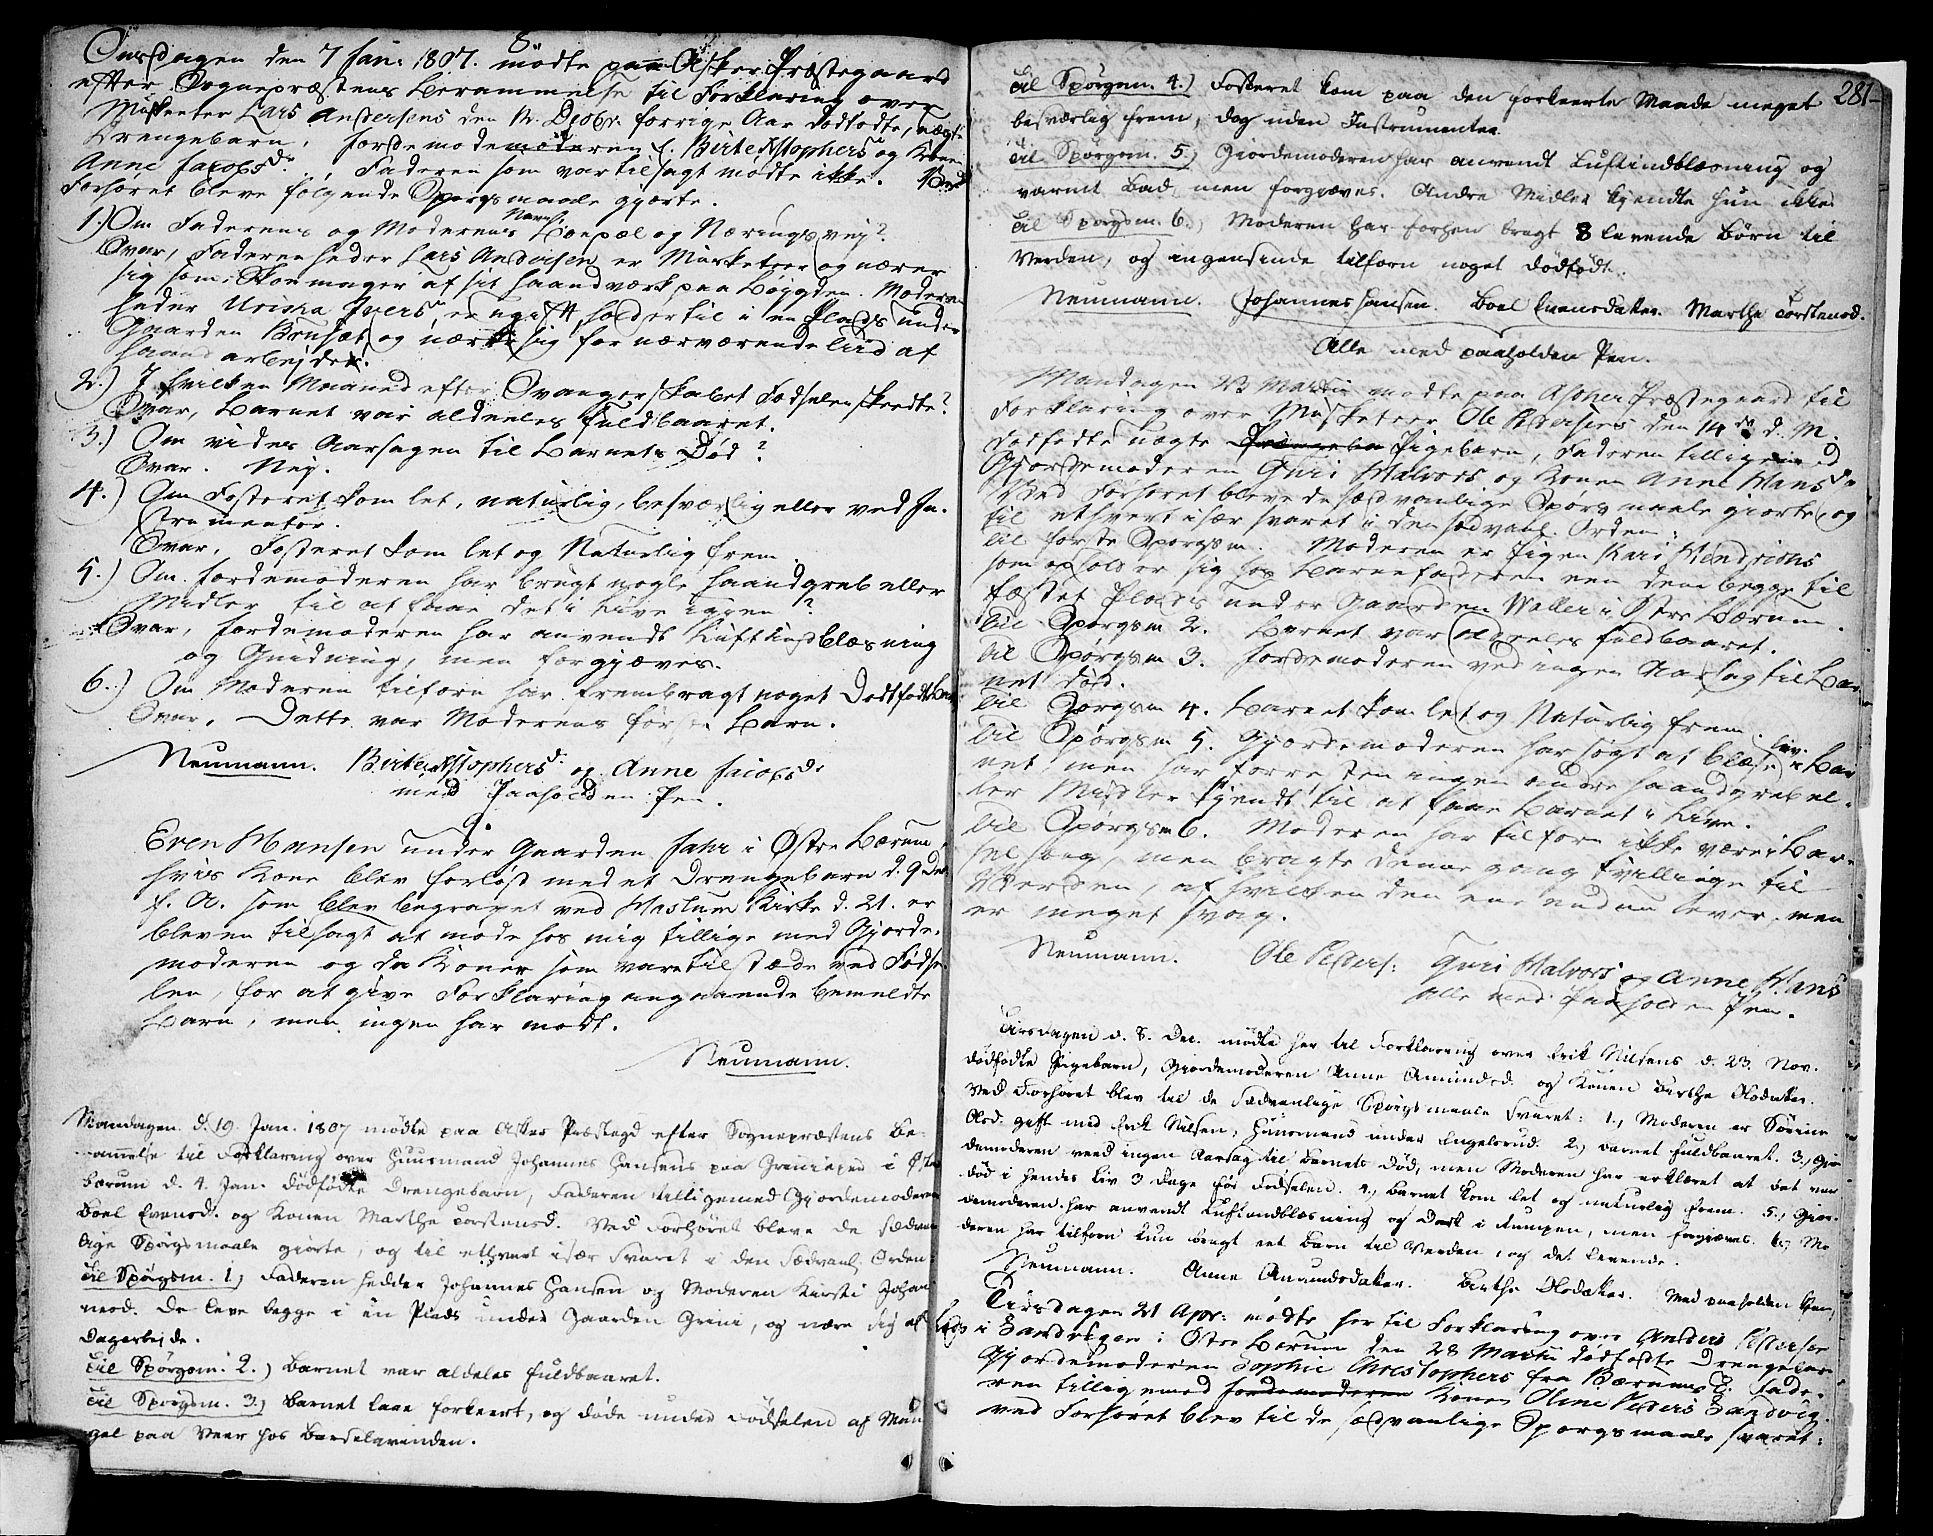 SAO, Asker prestekontor Kirkebøker, F/Fa/L0003: Ministerialbok nr. I 3, 1767-1807, s. 281